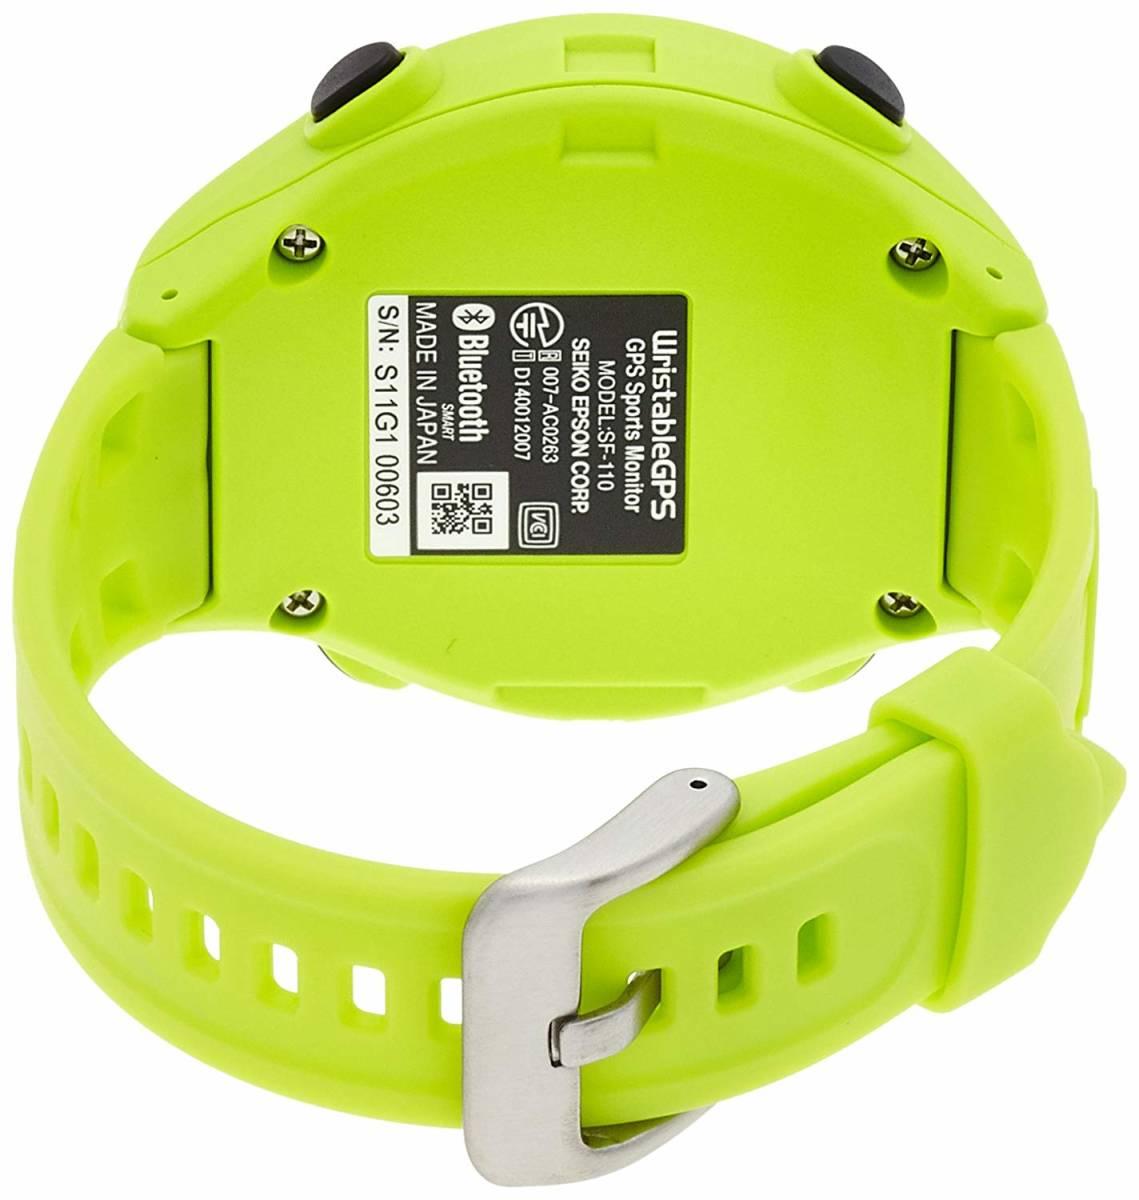 ★最終値下げ&送料無料★EPSON Wristable GPS 腕時計 GPS機能付 SF-110G お安く即決!_画像4